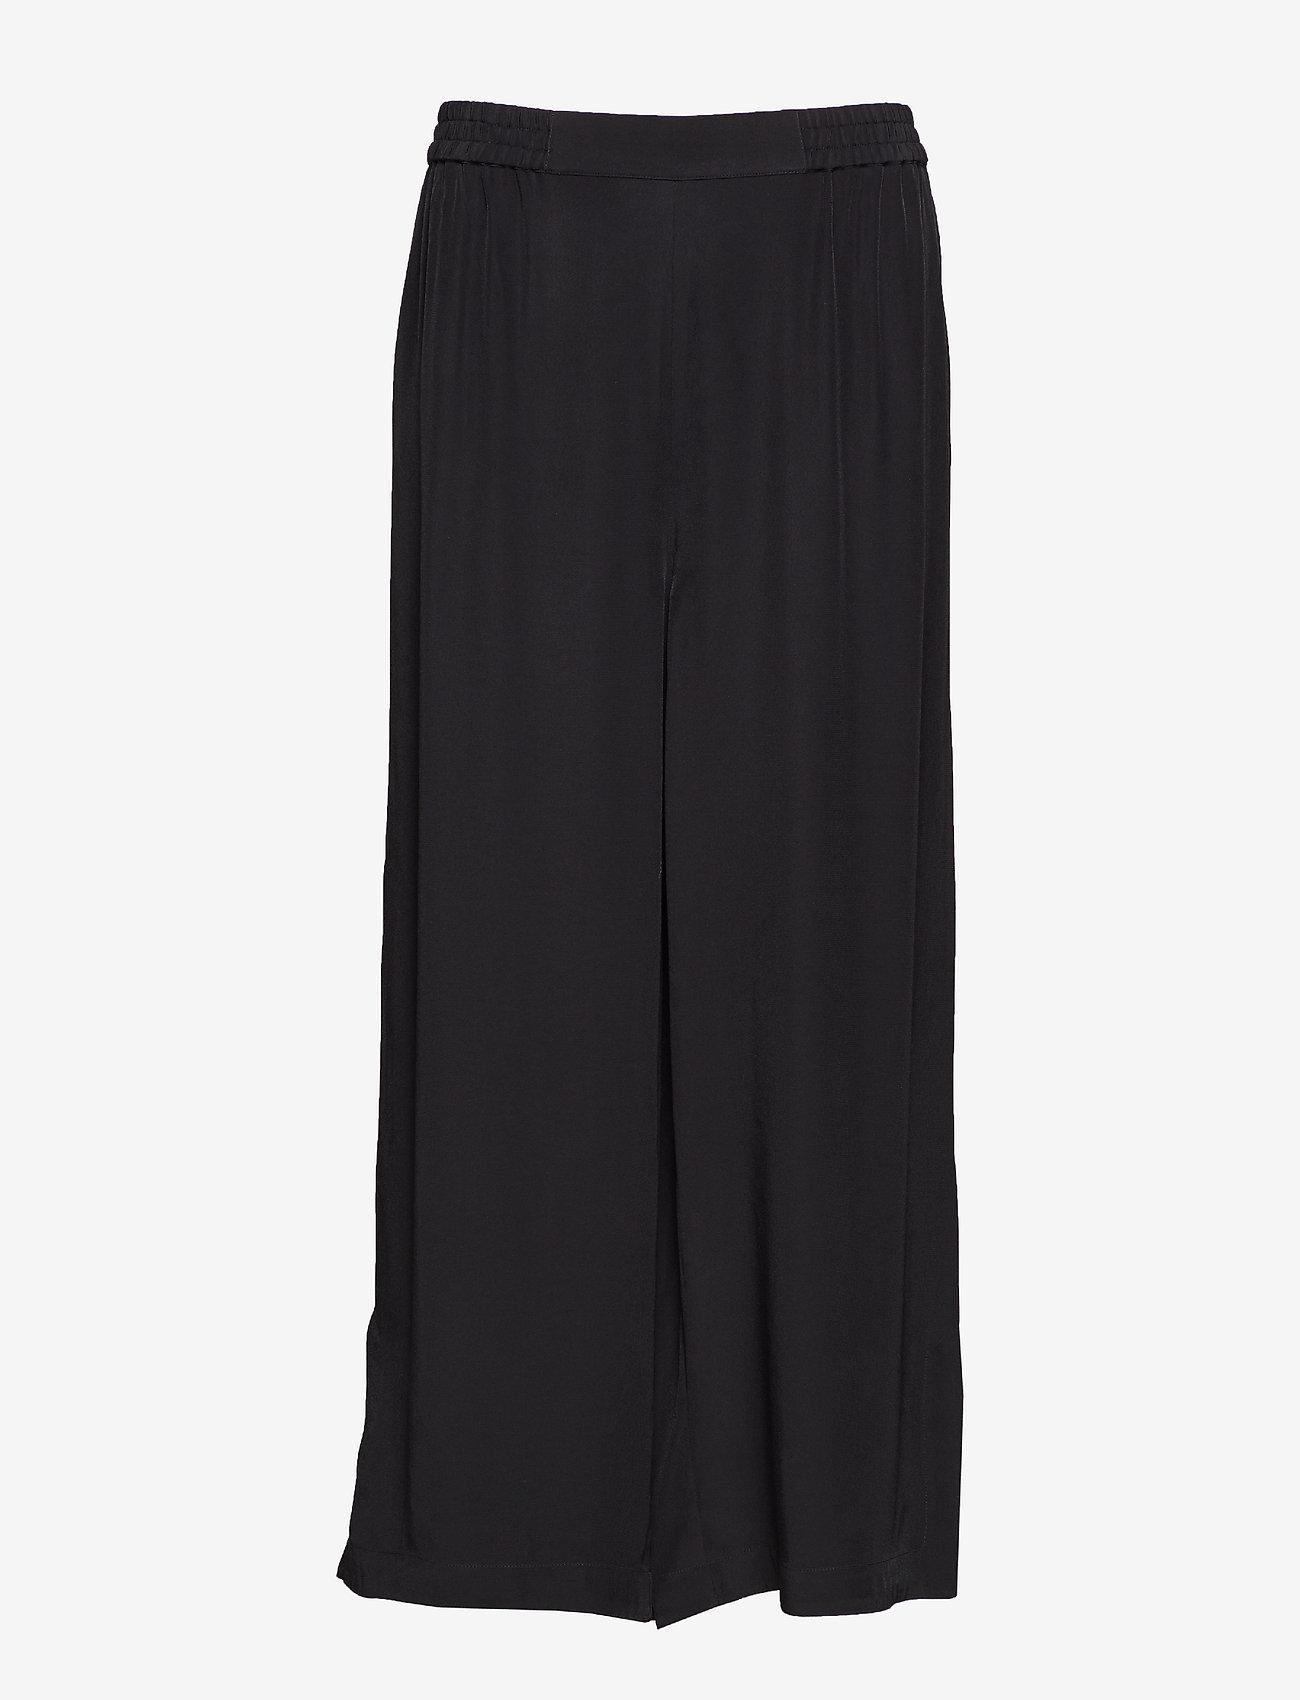 RODEBJER - RODEBJER SIGRID TWILL - bukser med brede ben - black - 1